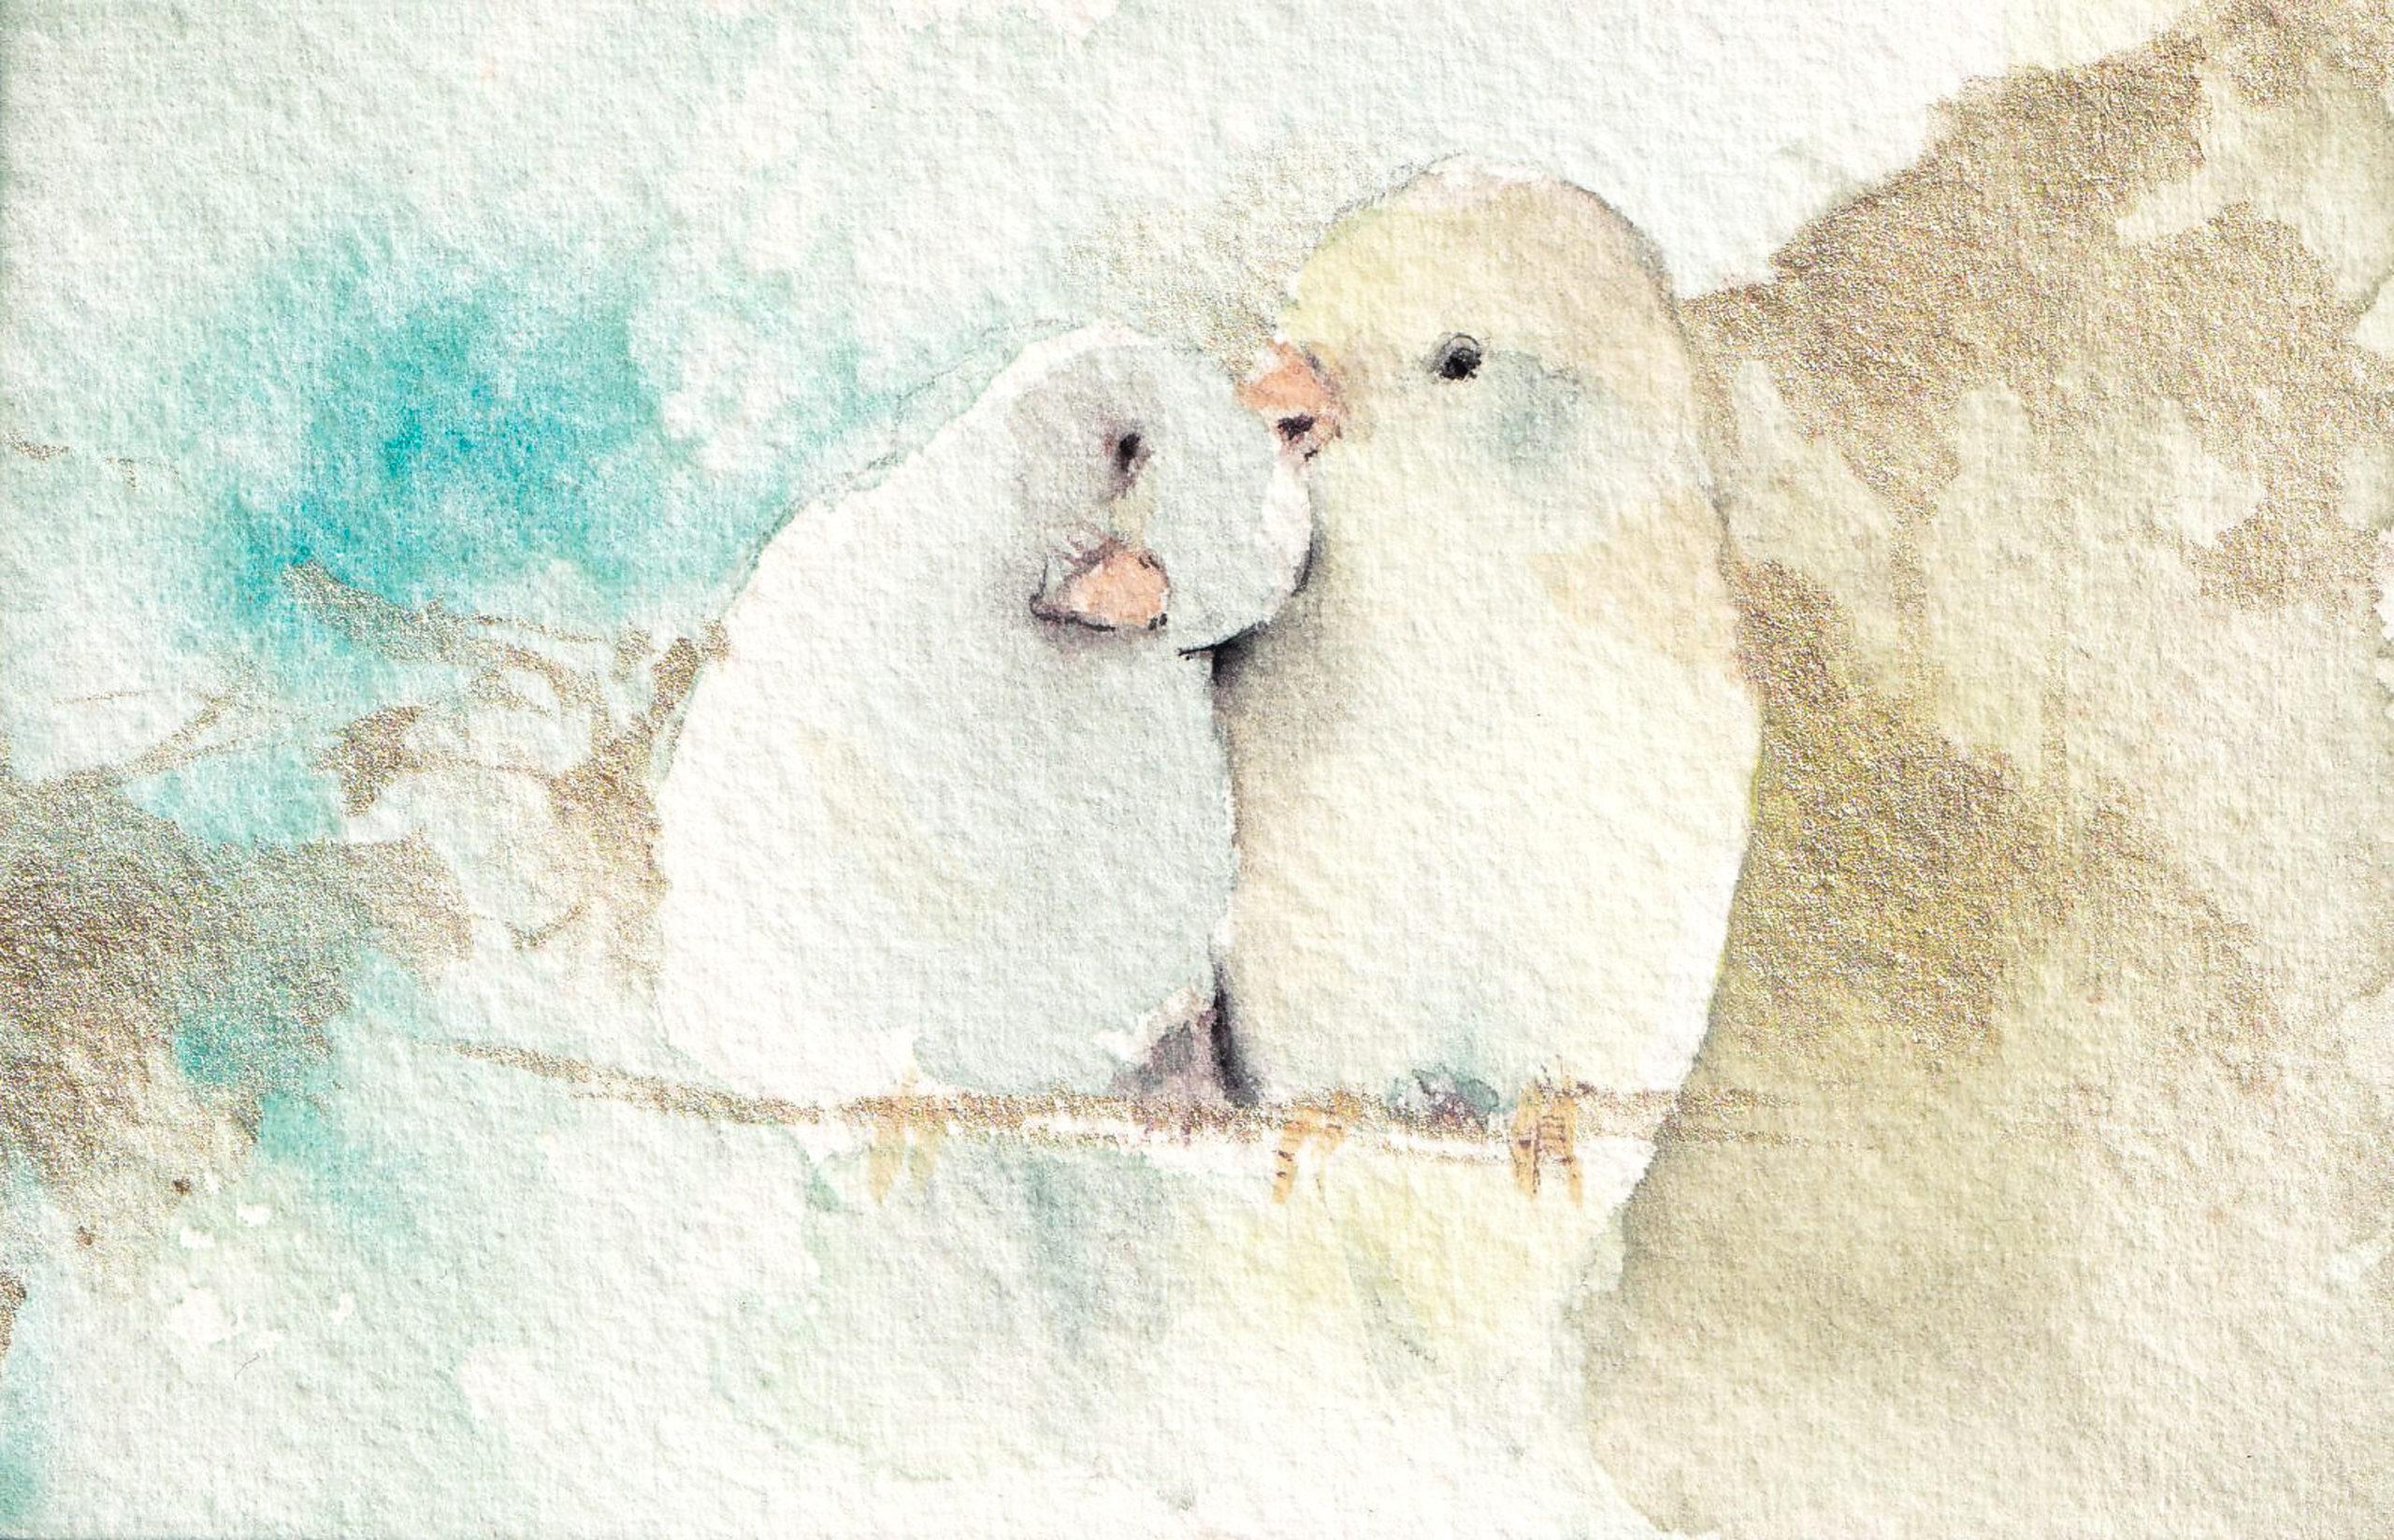 Lovebird illustration